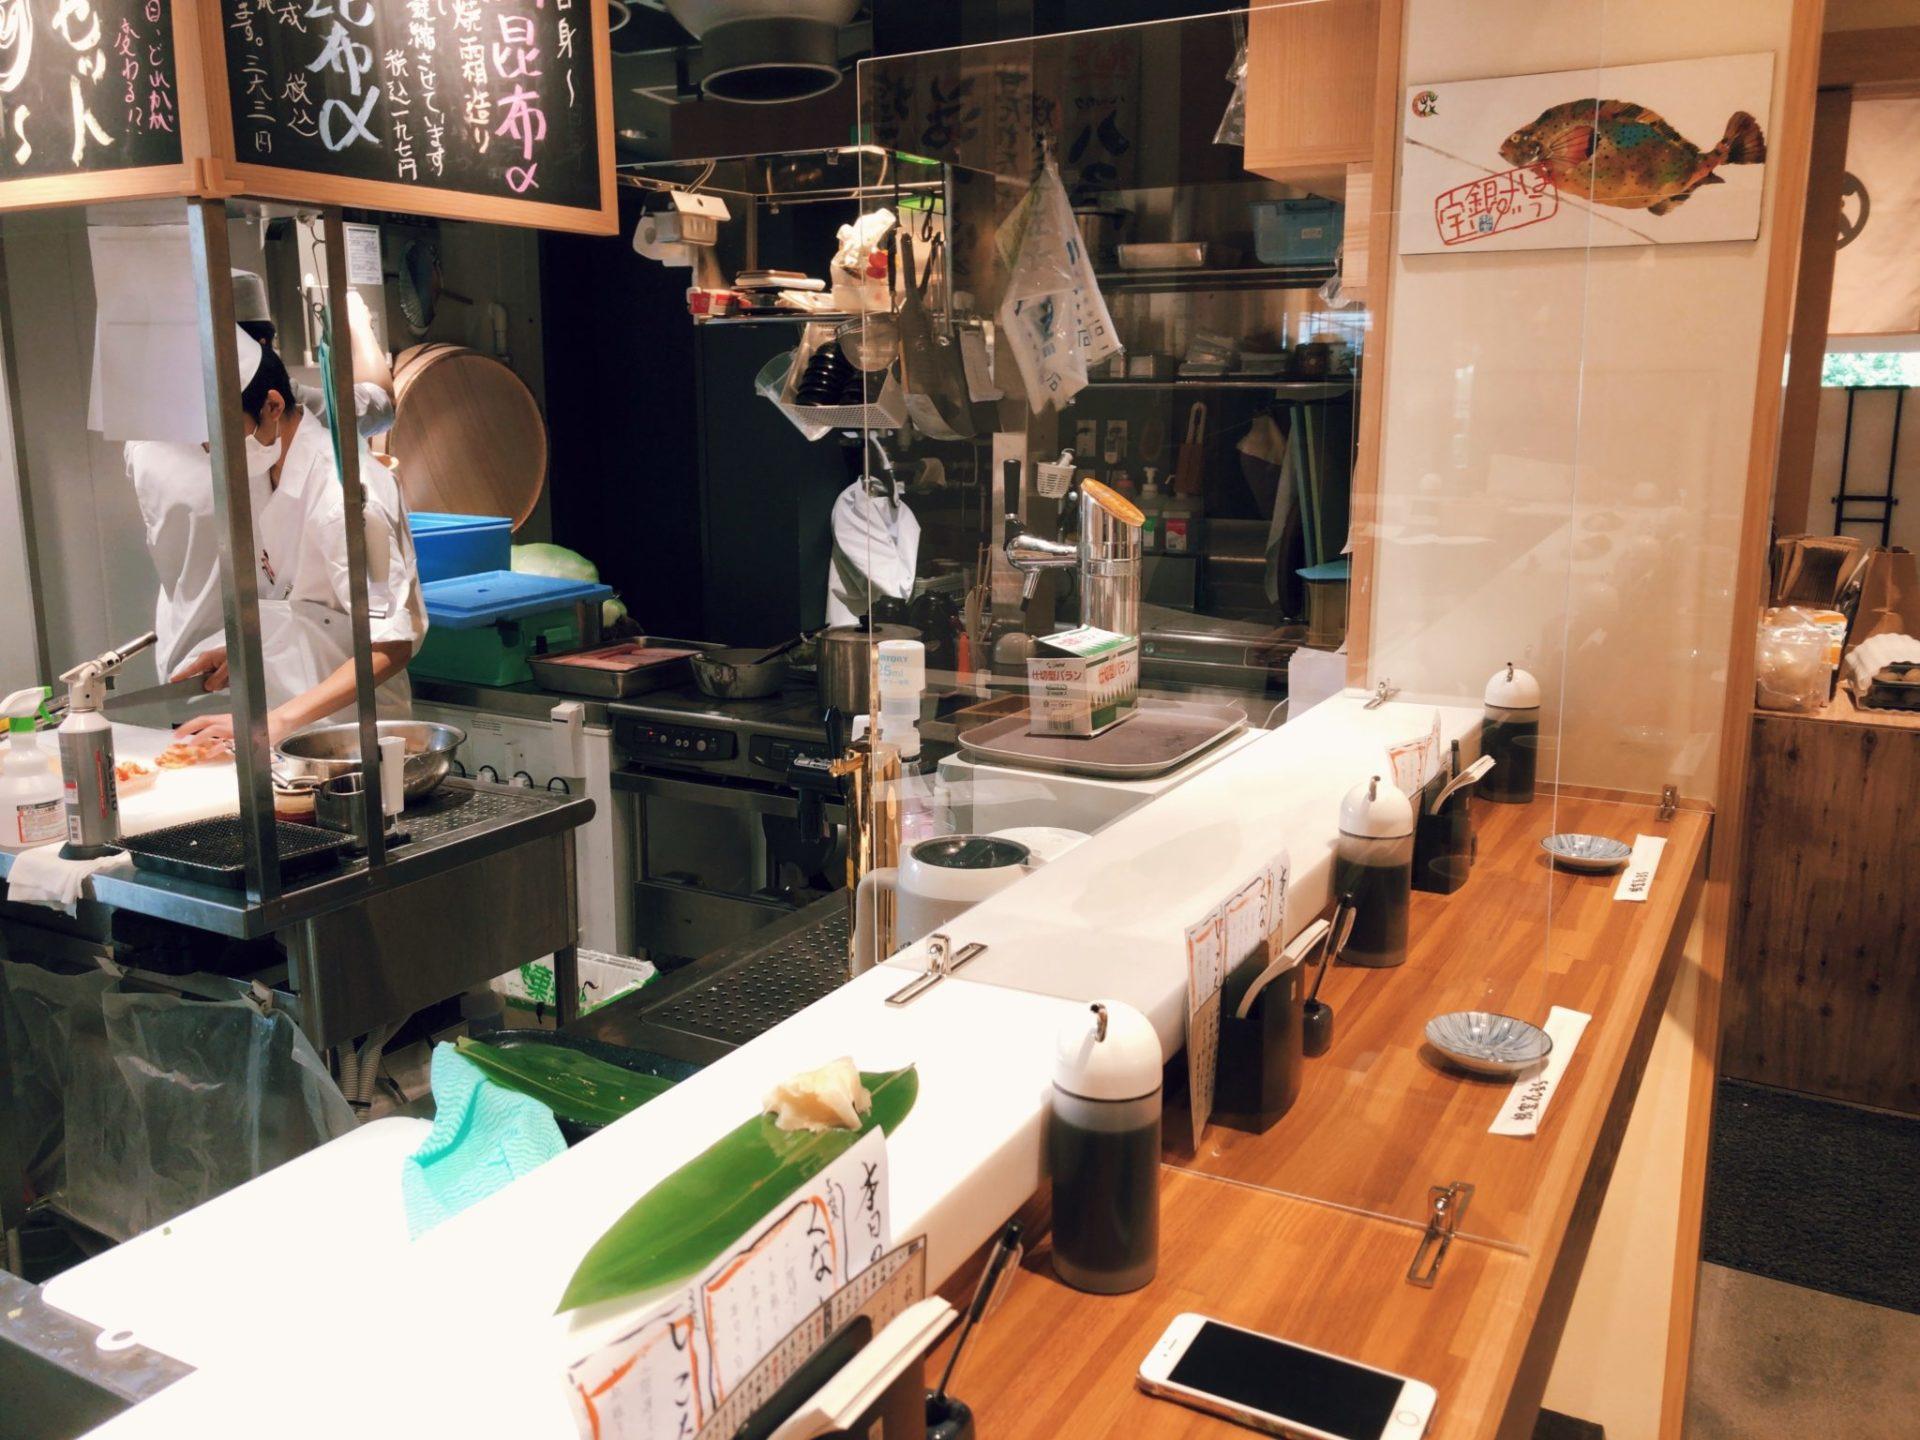 立食い寿司 根室花まる 神宮前店(原宿店)のカウンター席